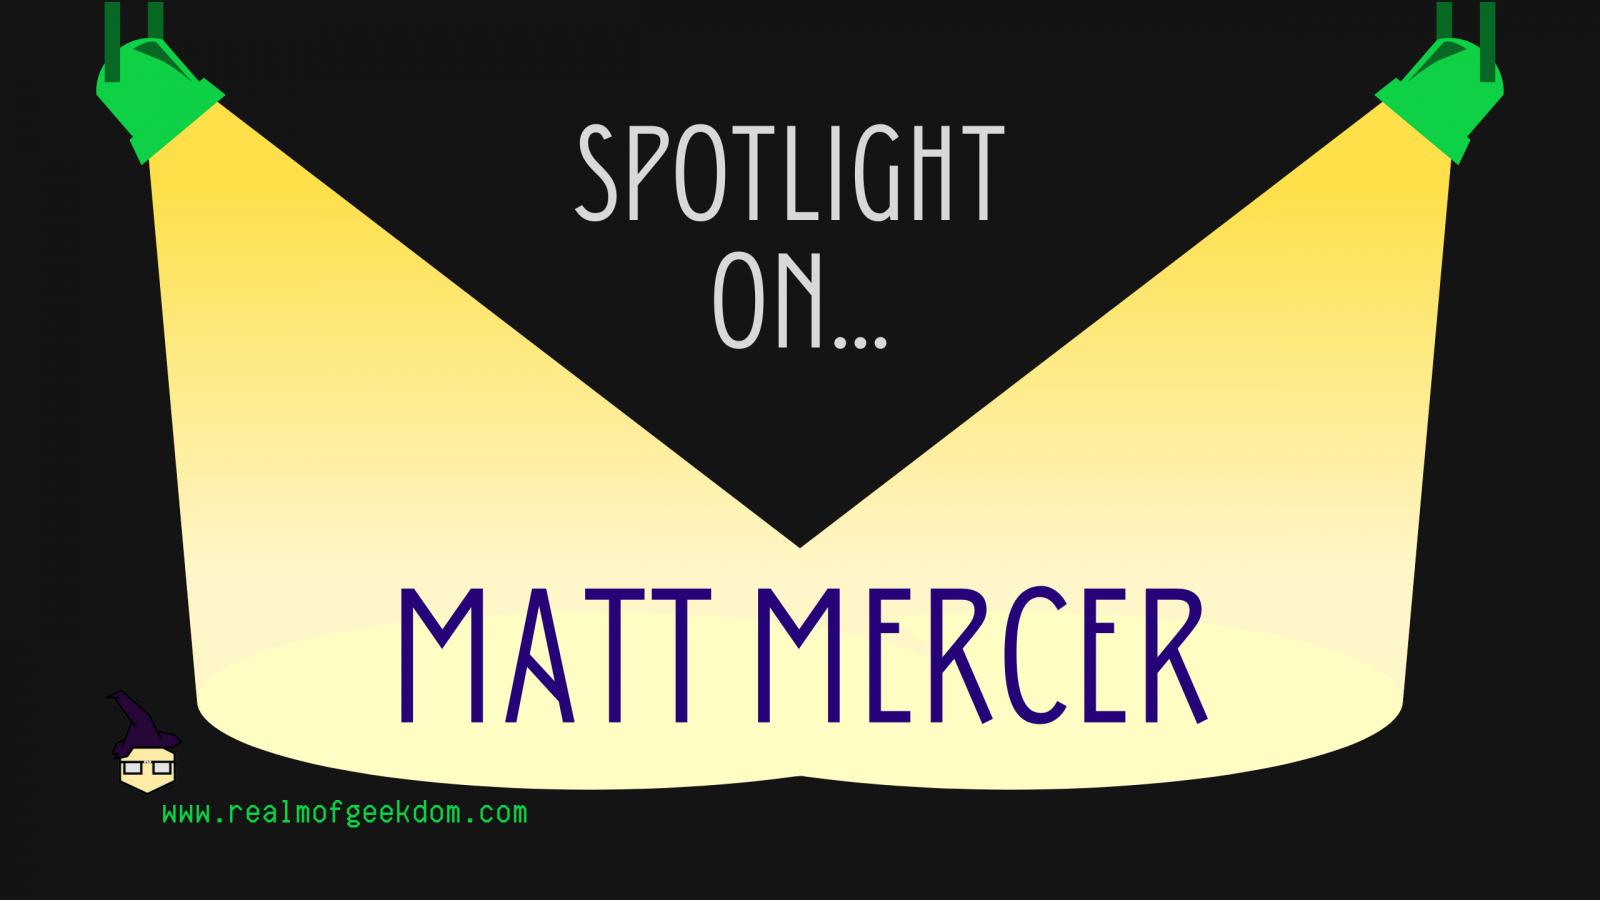 Matt Mercer Birthday Spotlight